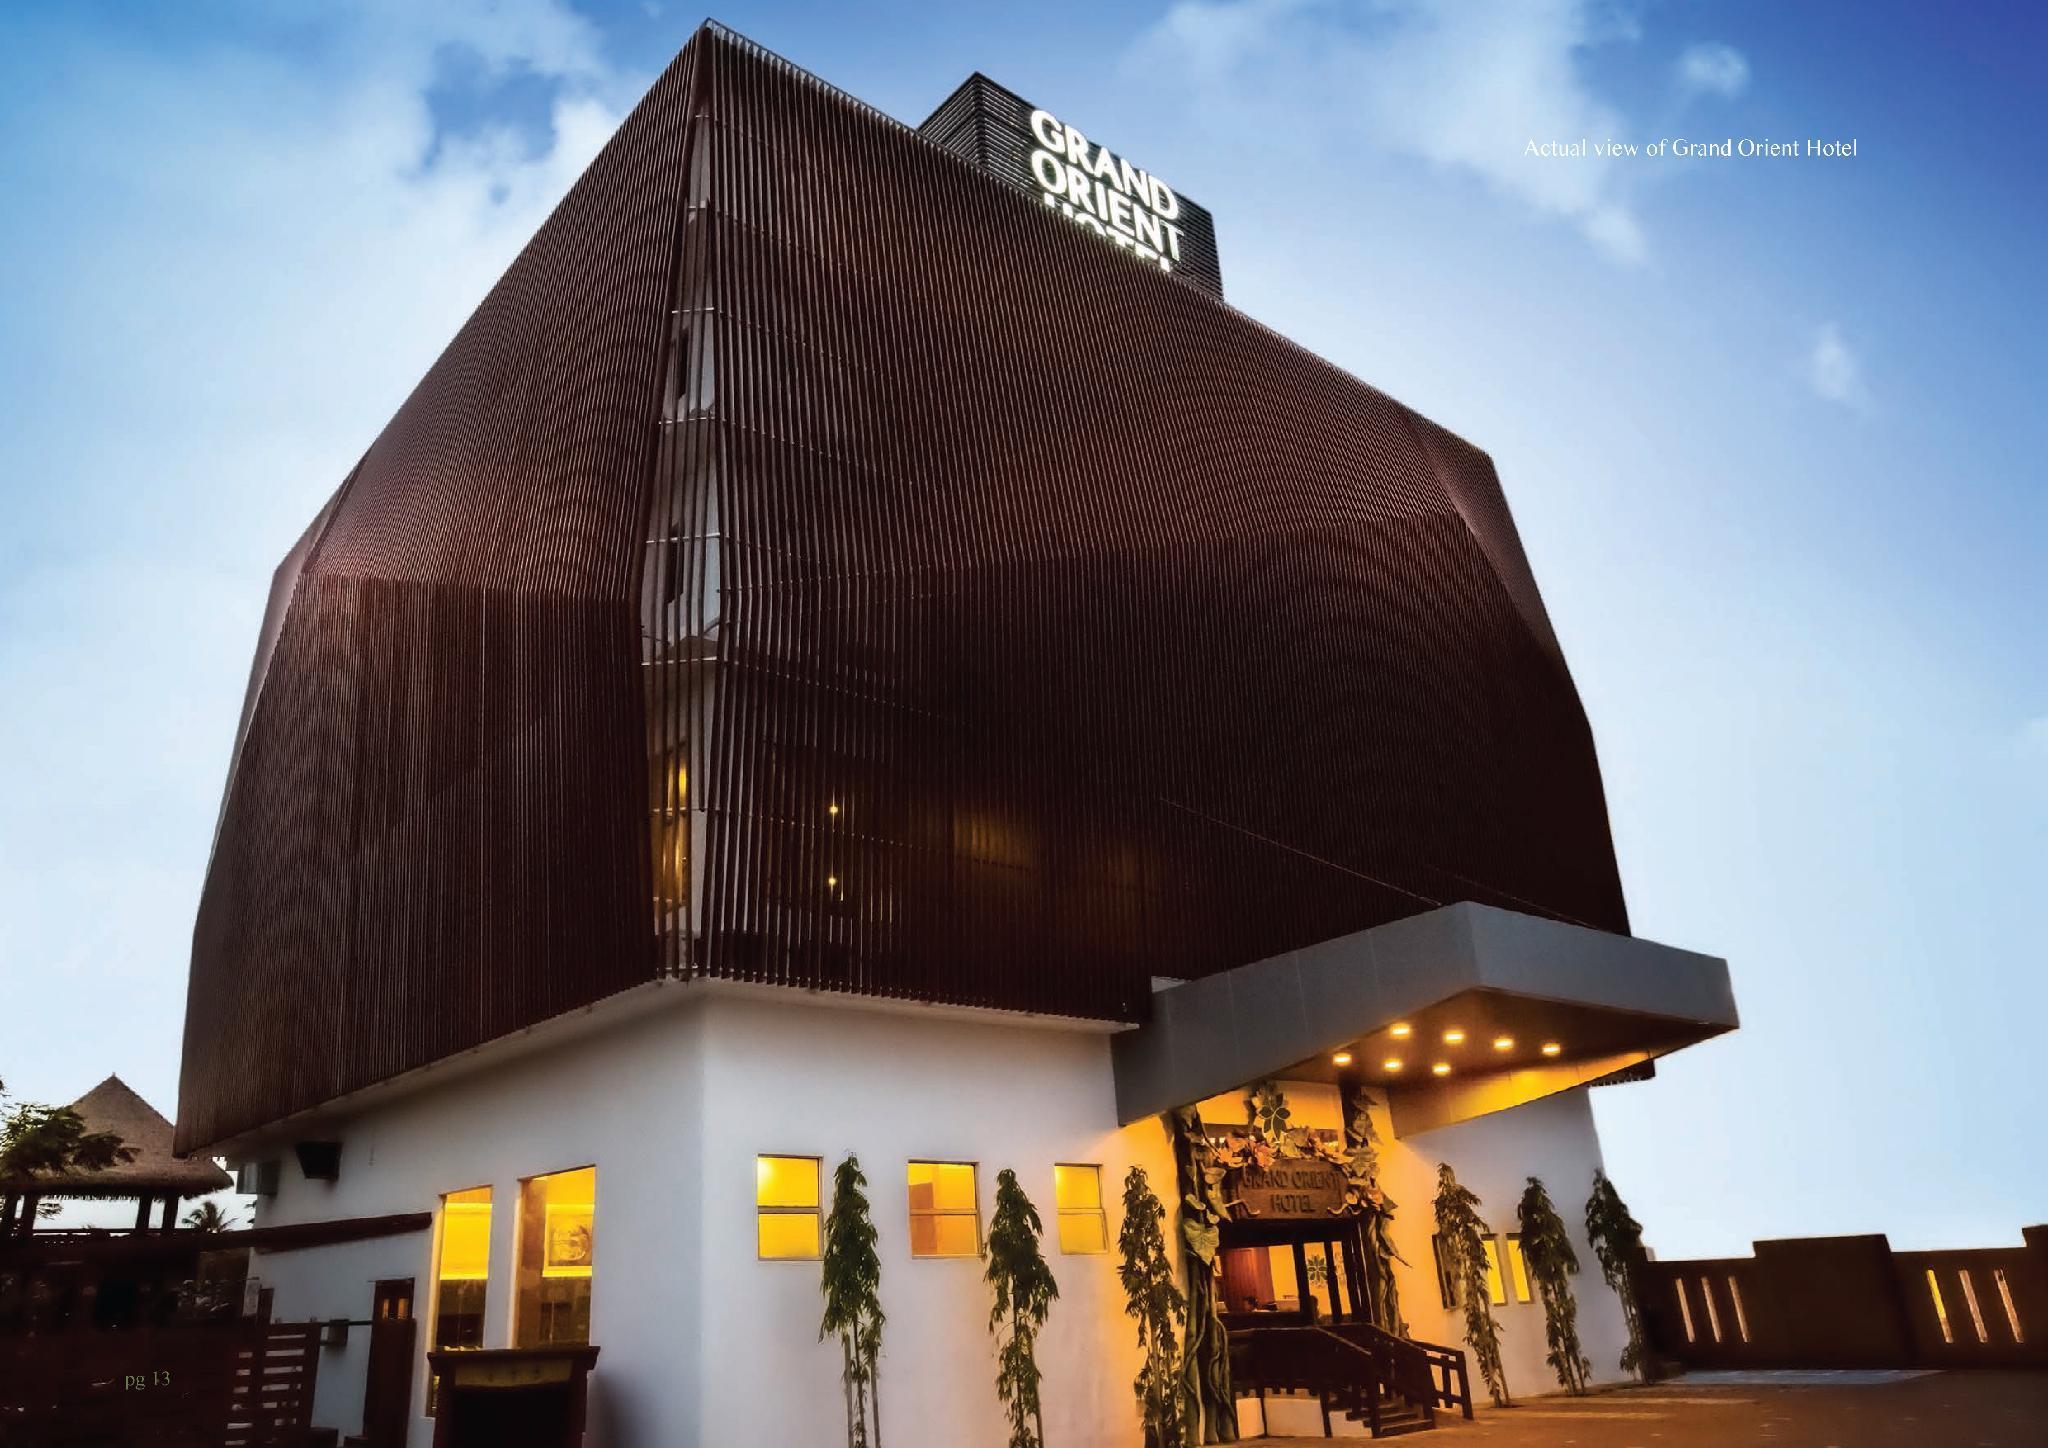 Grand Orient Hotel Perai Penang